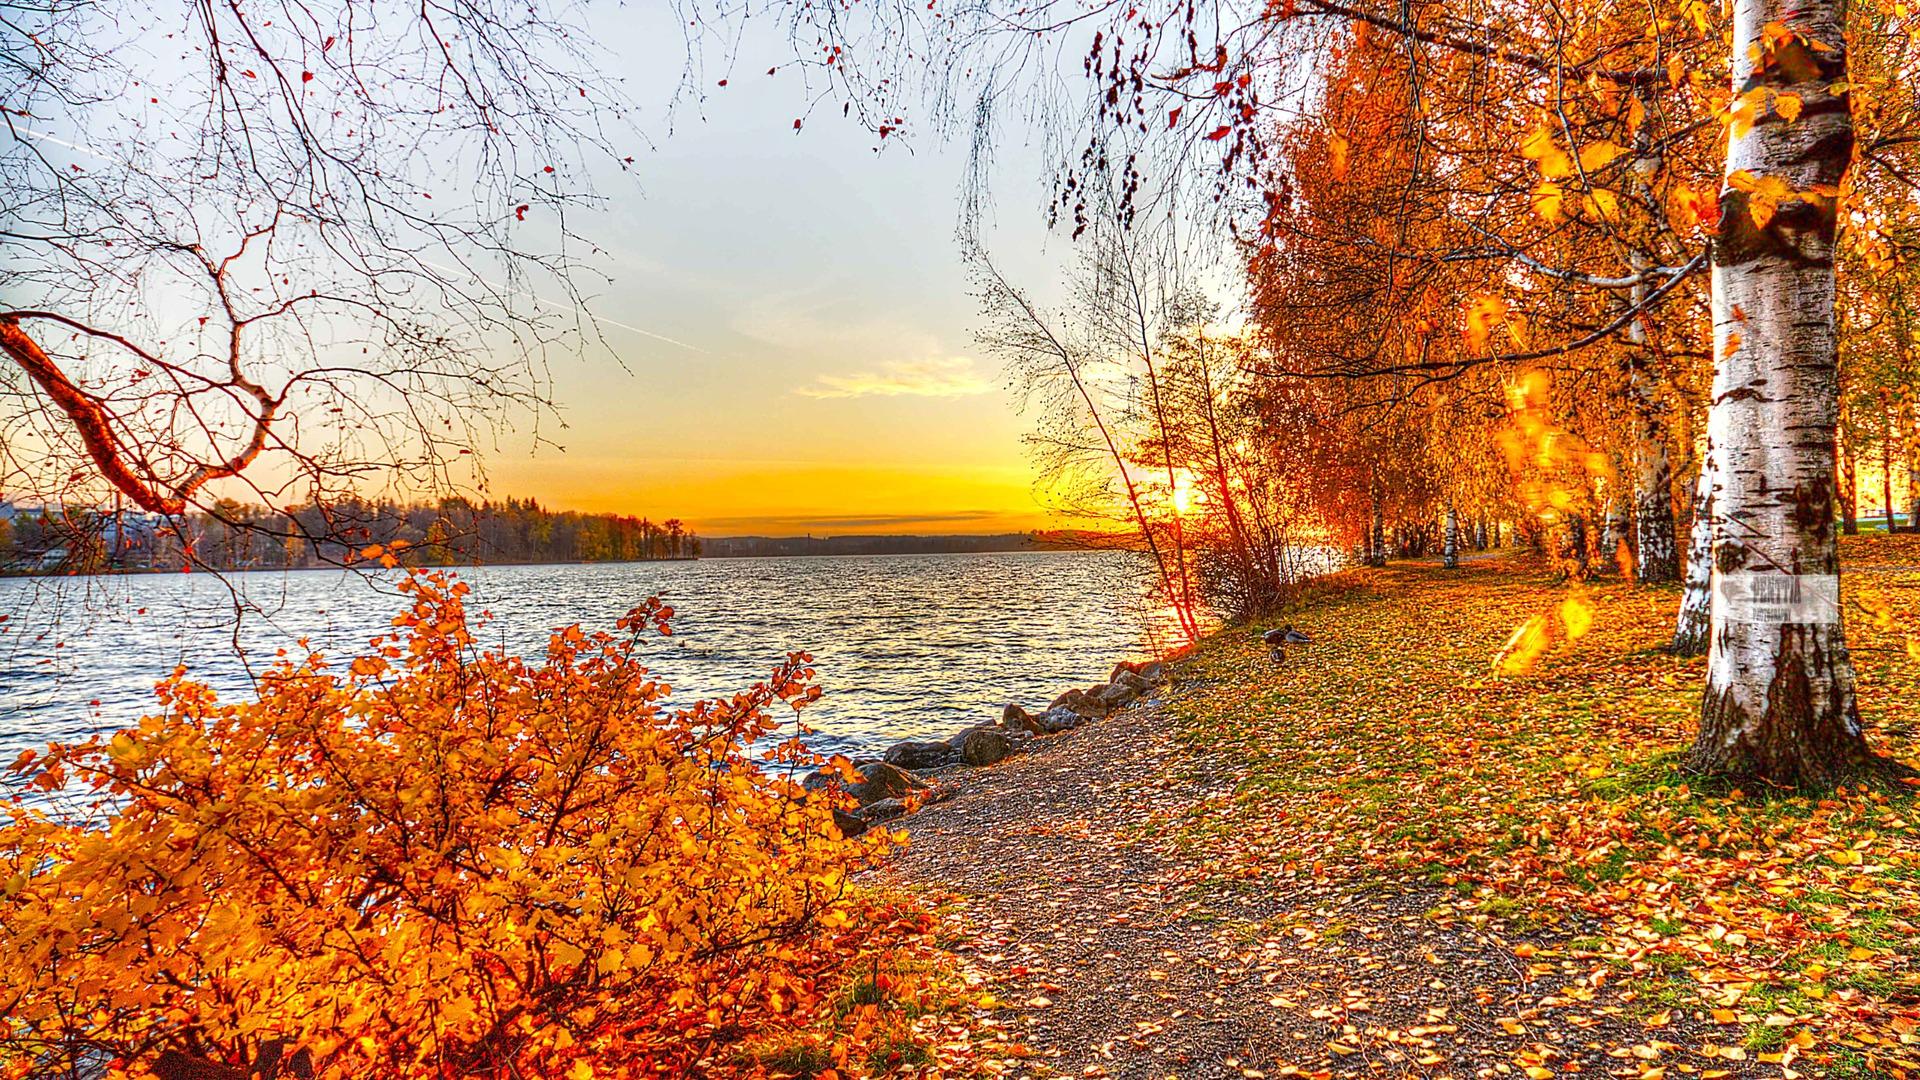 Autumn Landscape Wallpaper 14034